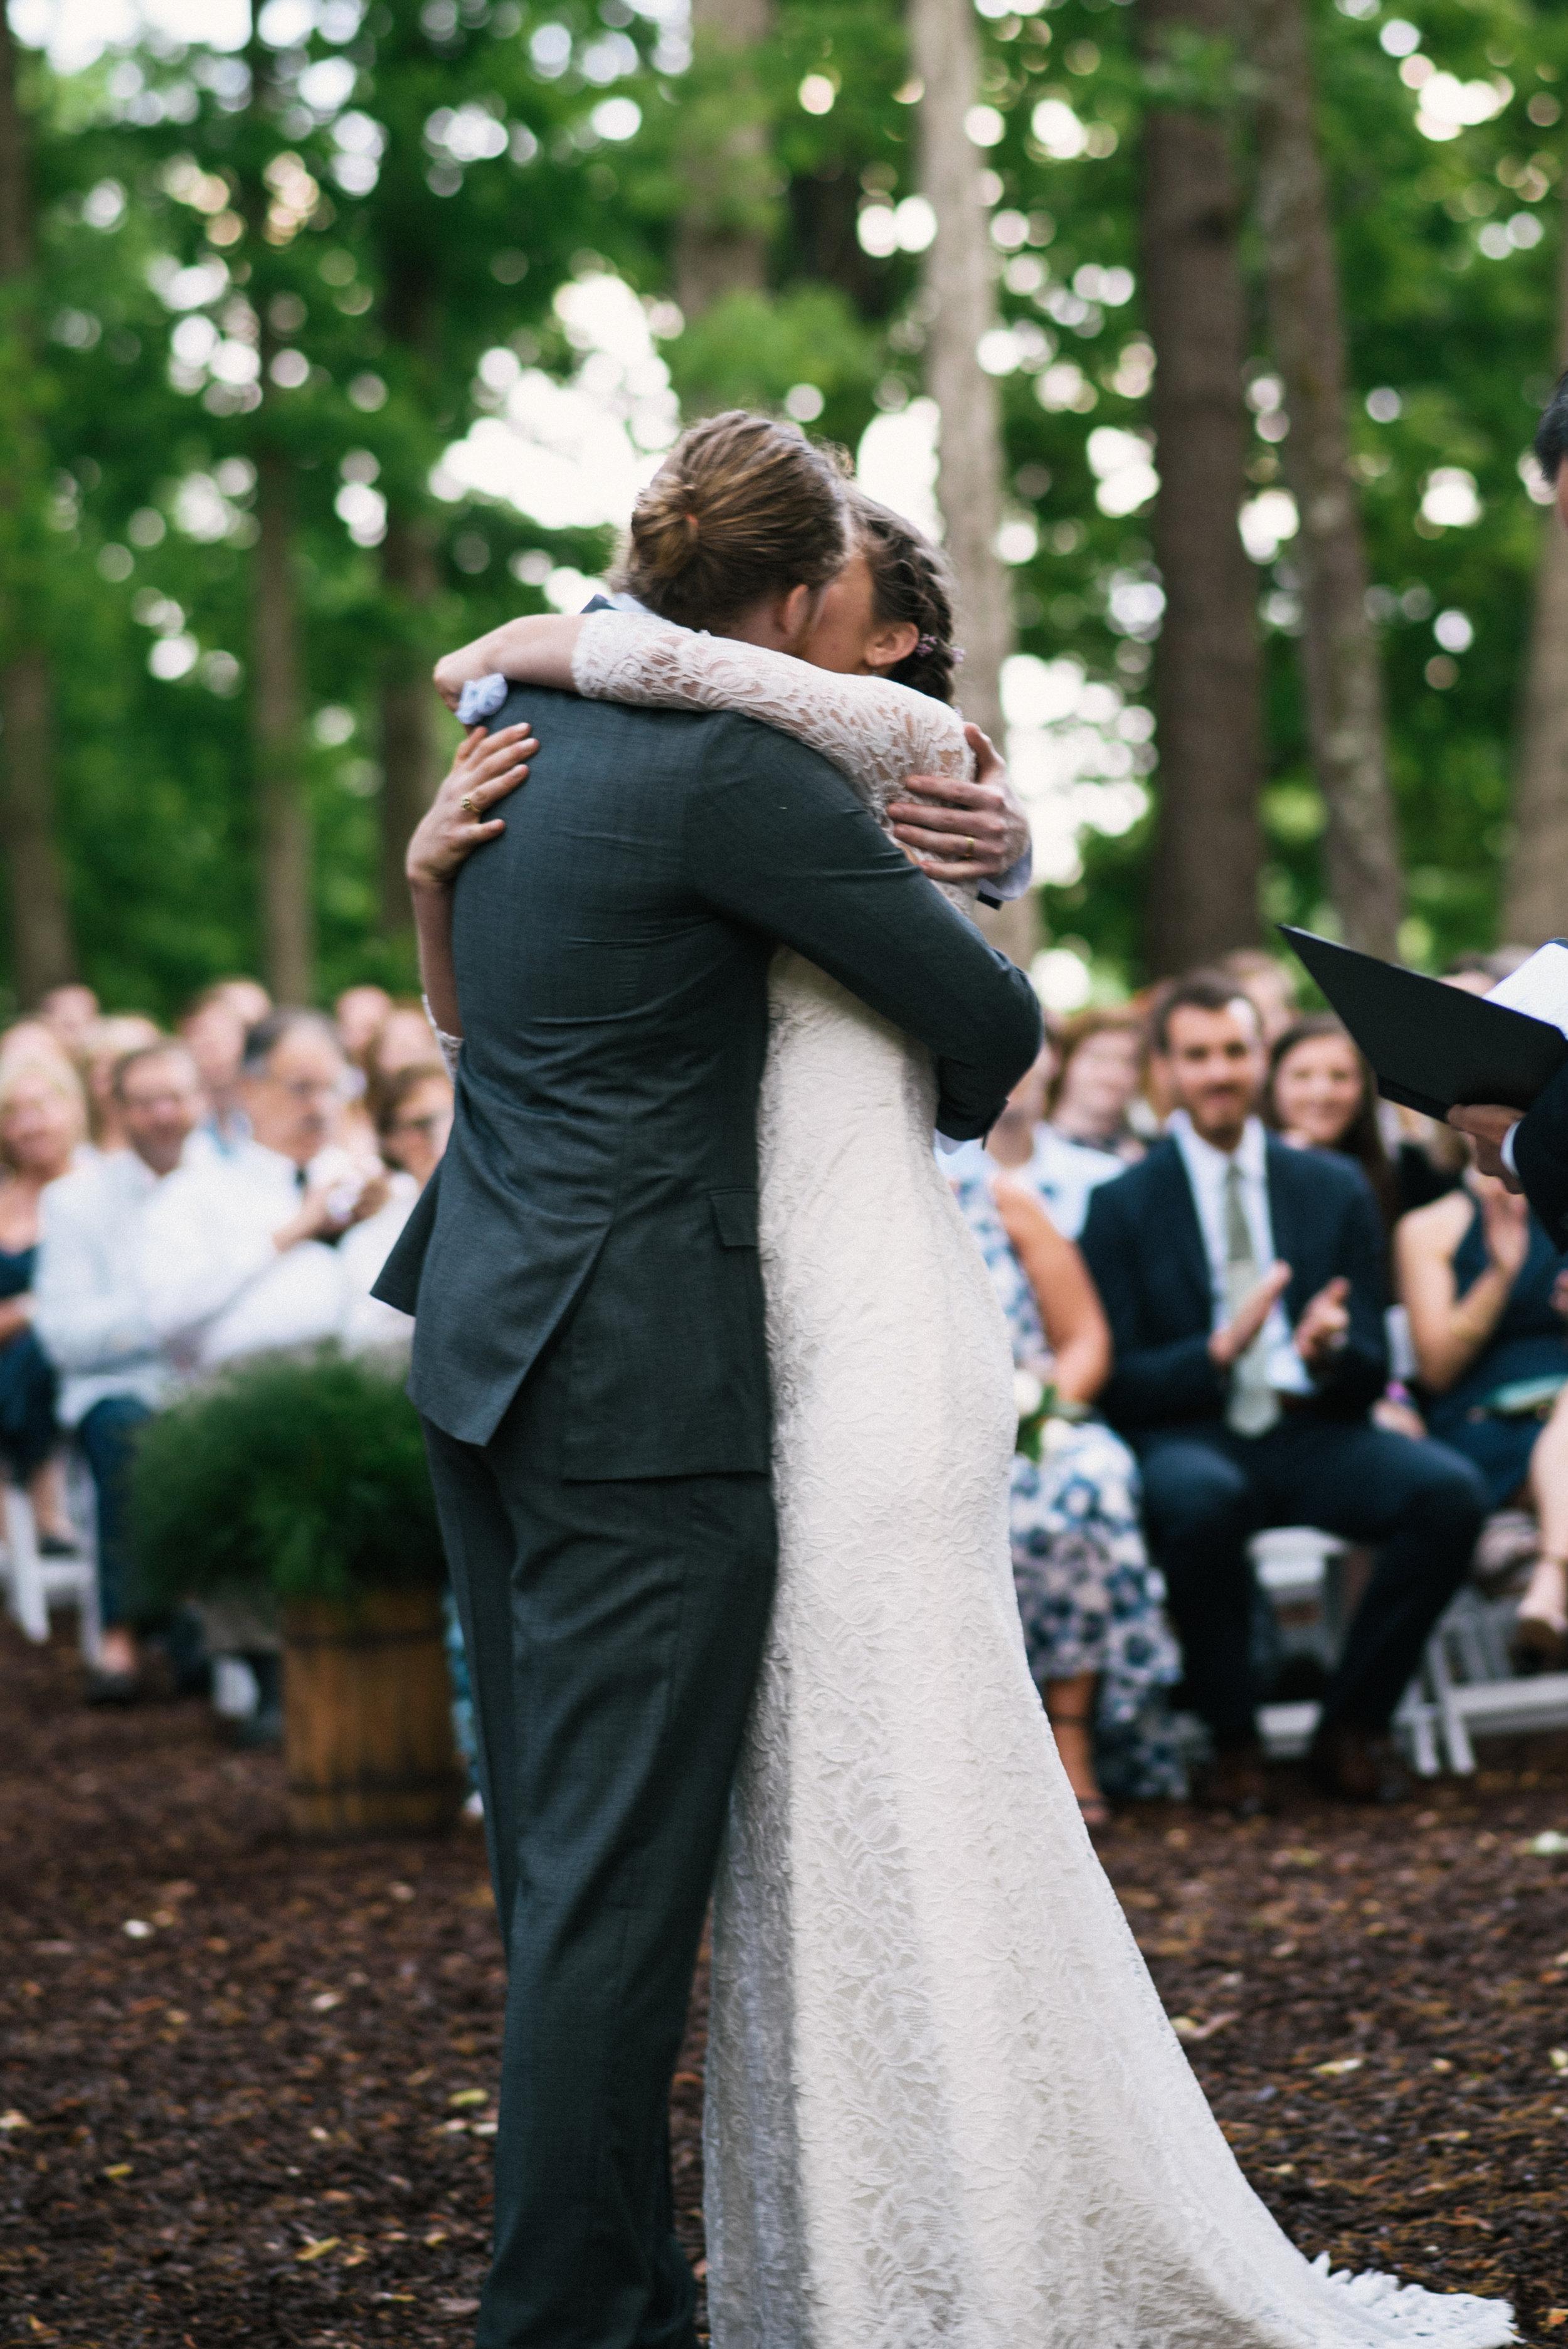 raleigh-elopement-photographer-raleigh-durham-wedding-maddie-and-devin- (113 of 162).jpg